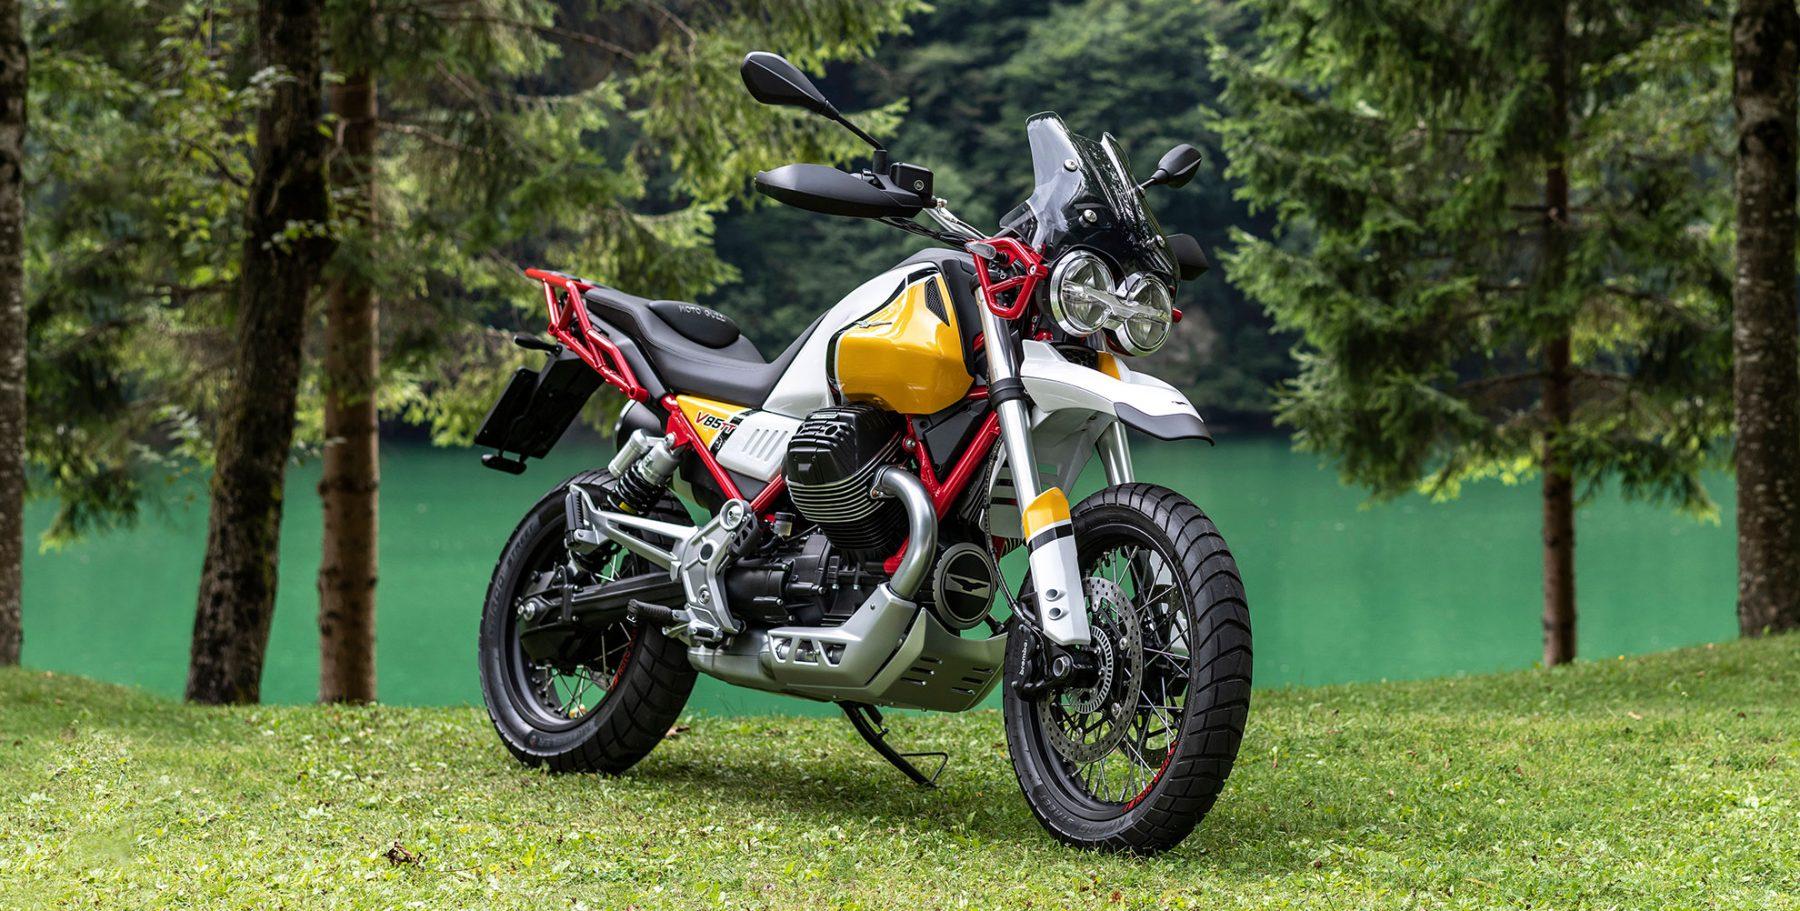 Photo of Moto Guzzi V85 TT завърши трансформацията и идва с много стил и приключенско табло